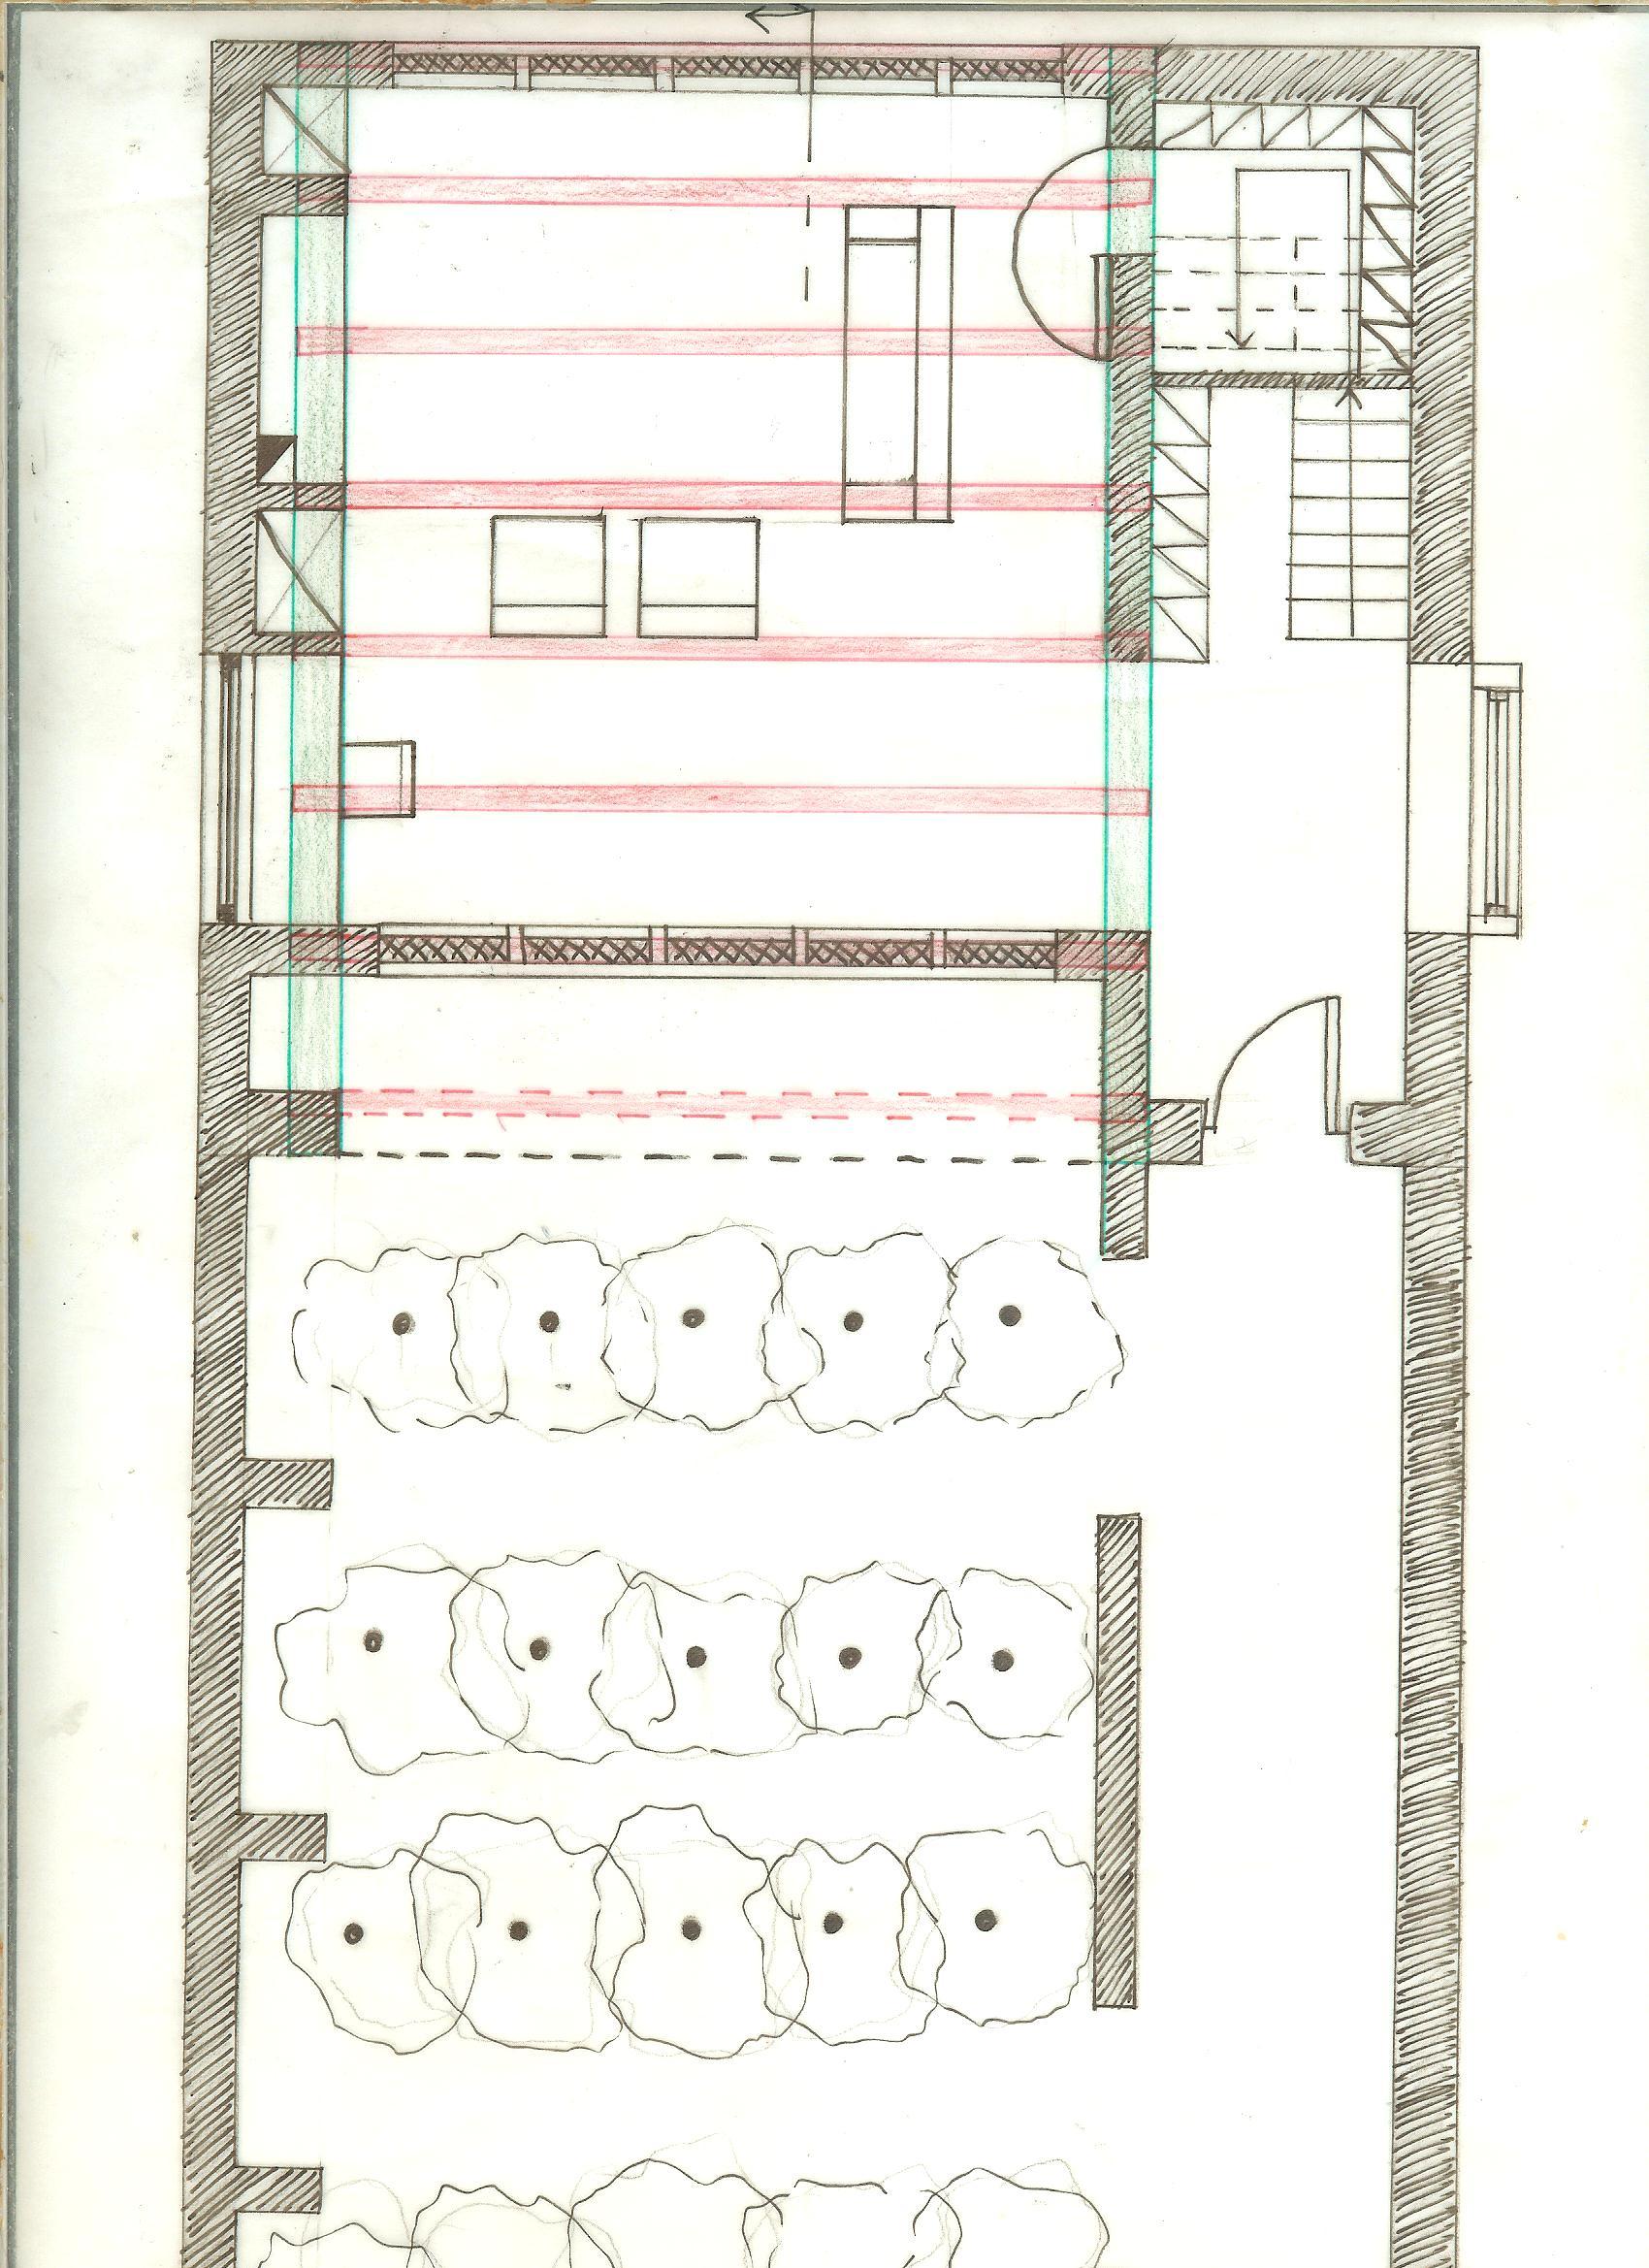 Progetto di marta faienza e sofia franciosini for Strumento di layout piano terra